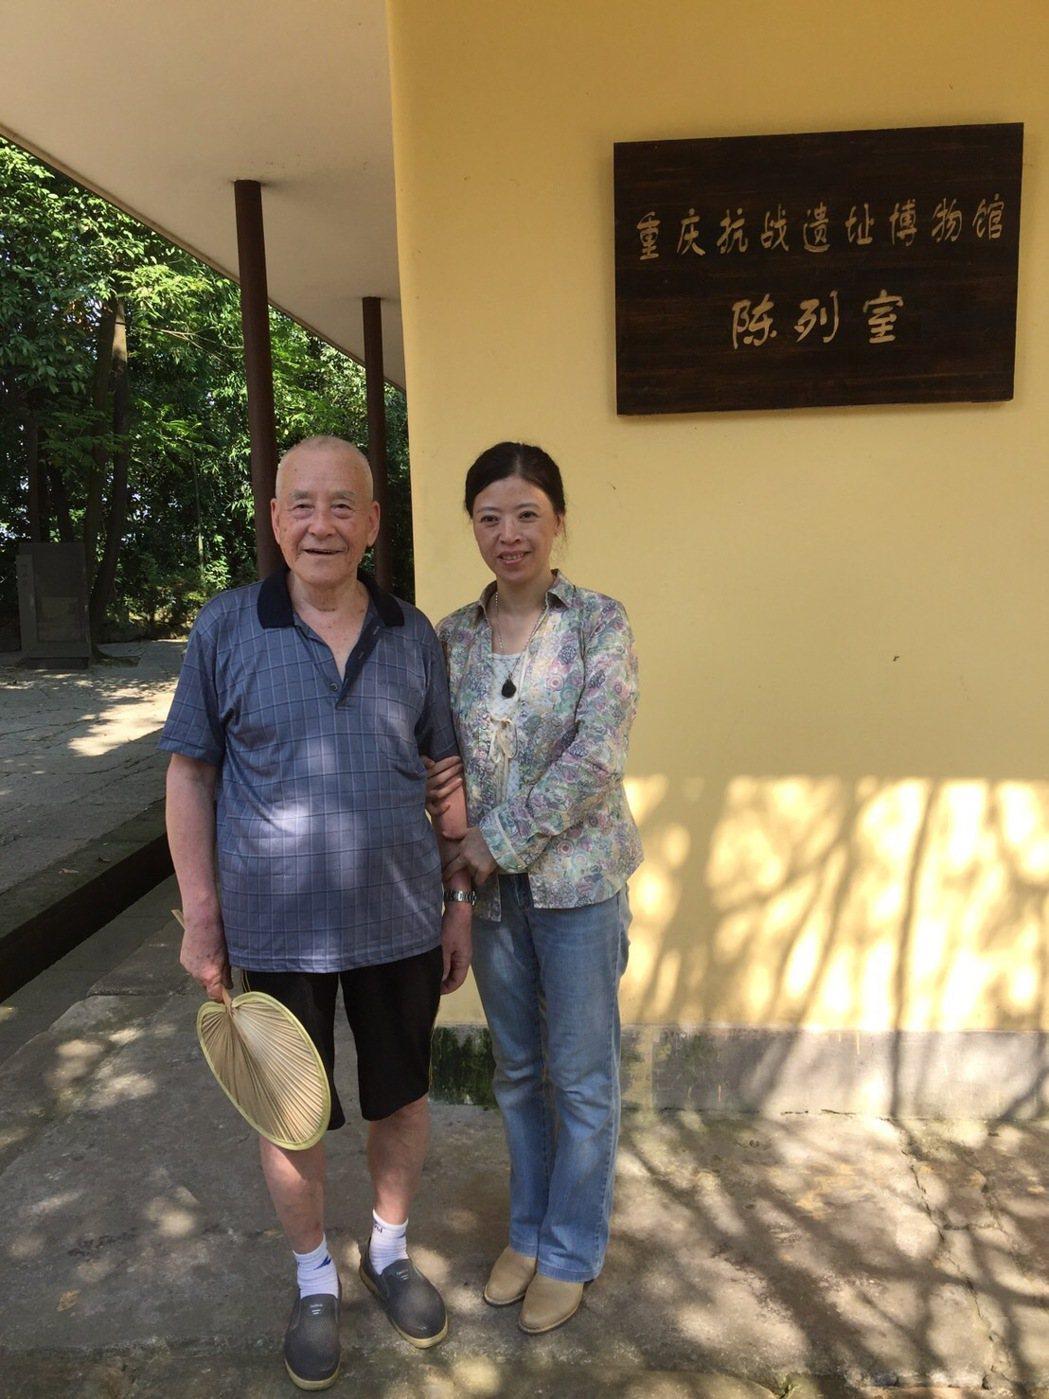 汪治惠(右)與周志開的小弟周志興。圖/汪治惠提供